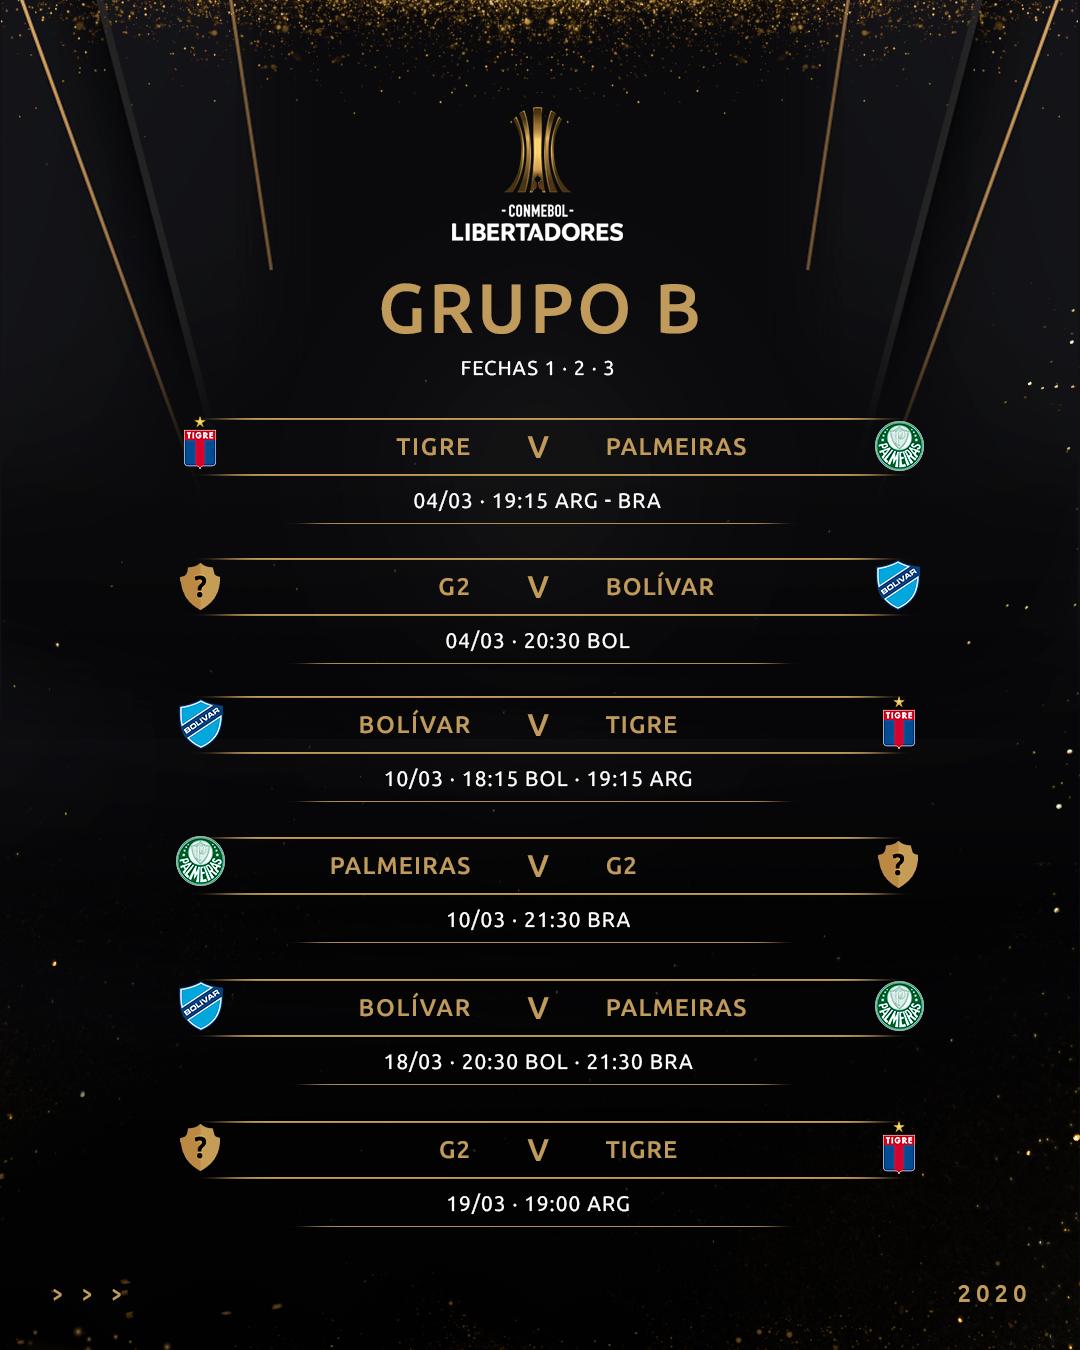 Grupo B CONMEBOL Libertadores